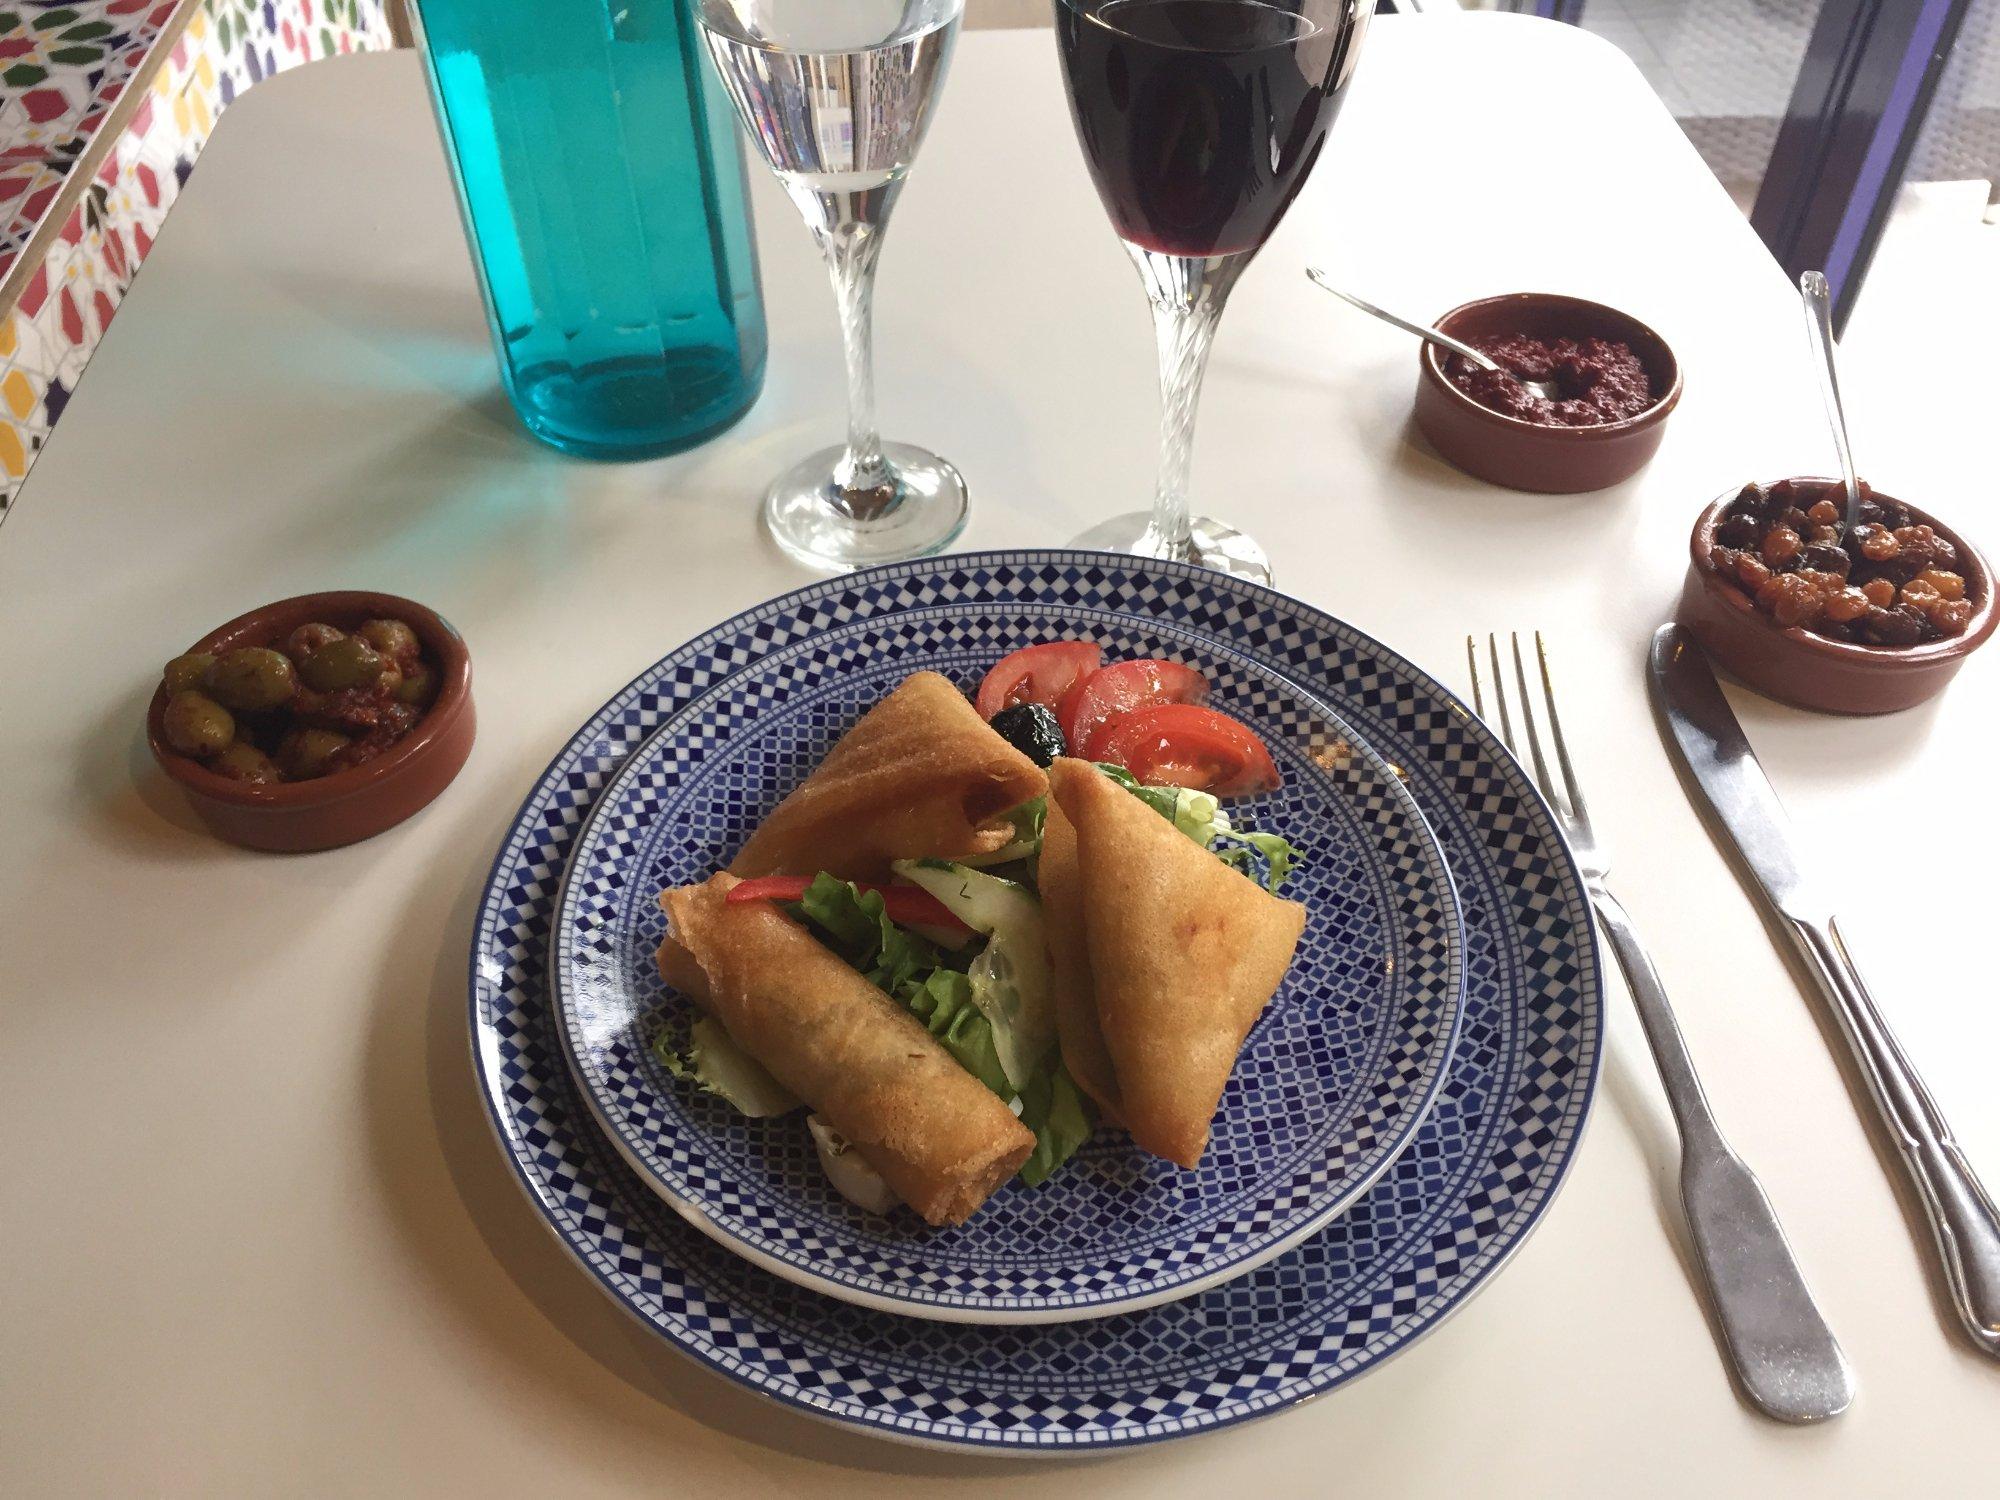 Things To Do in Armenian, Restaurants in Armenian